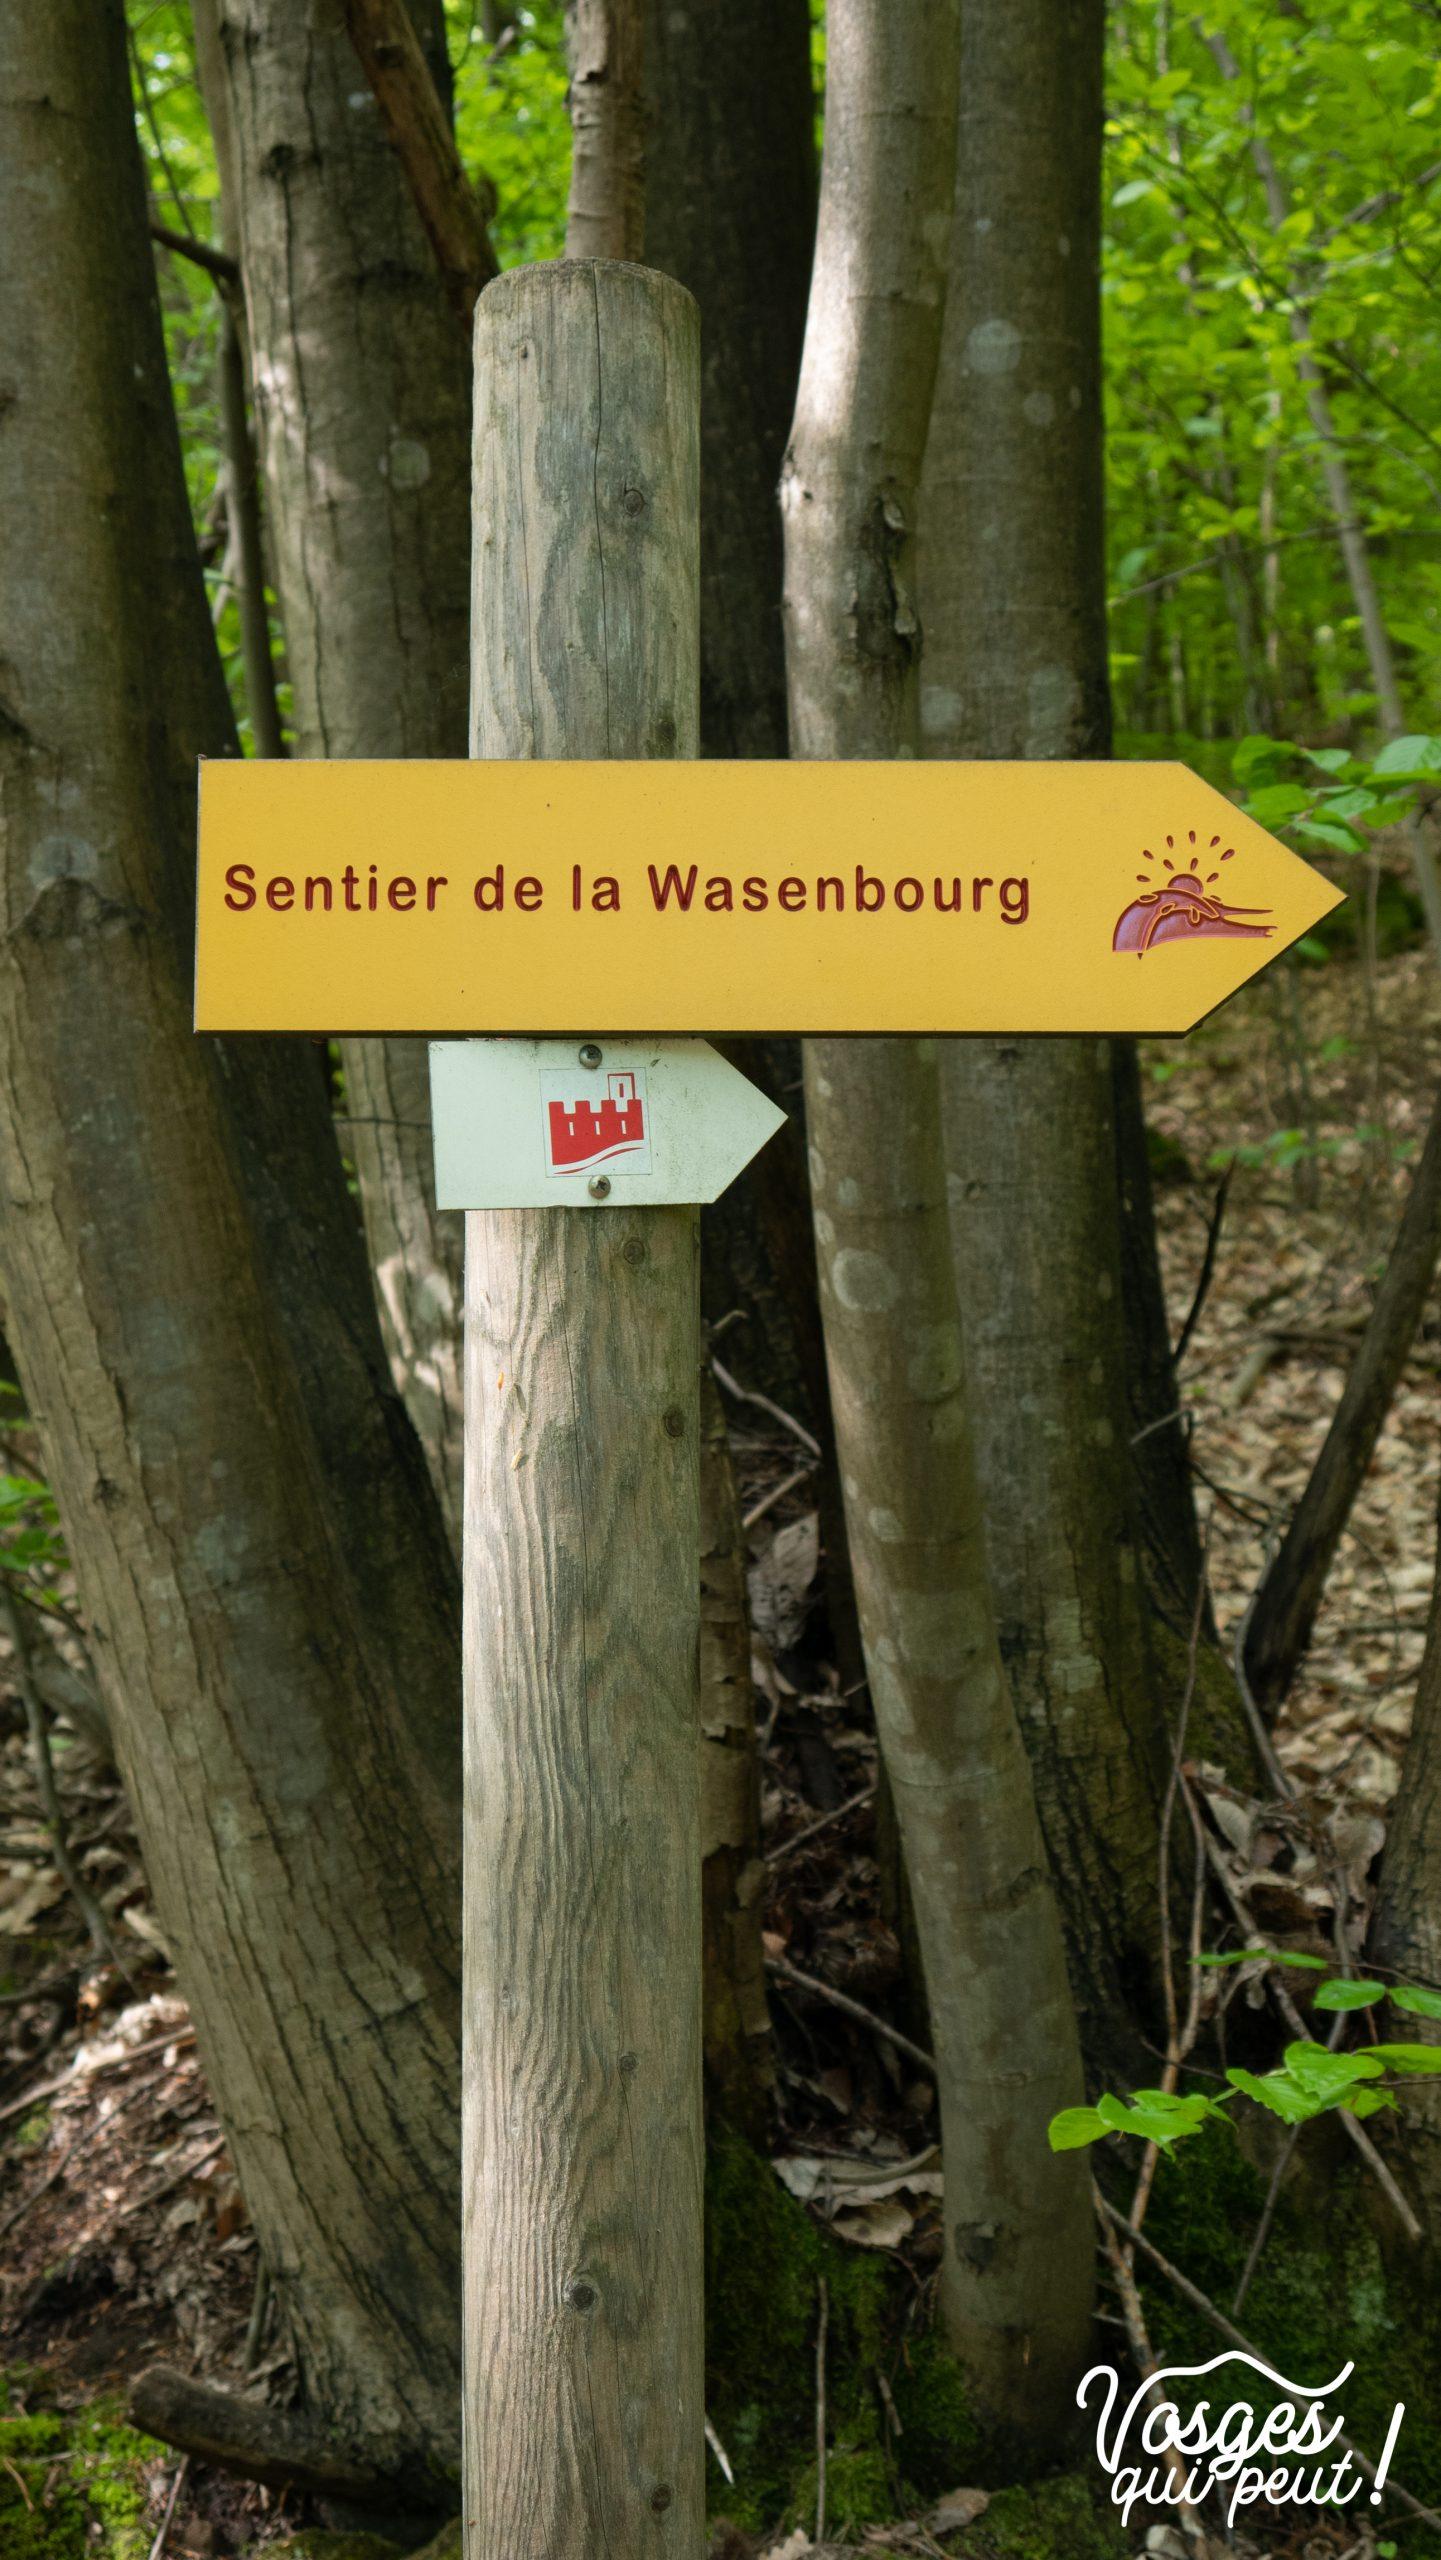 Panneau directionnel dans les Vosges du Nord vers le château du Wasenbourg